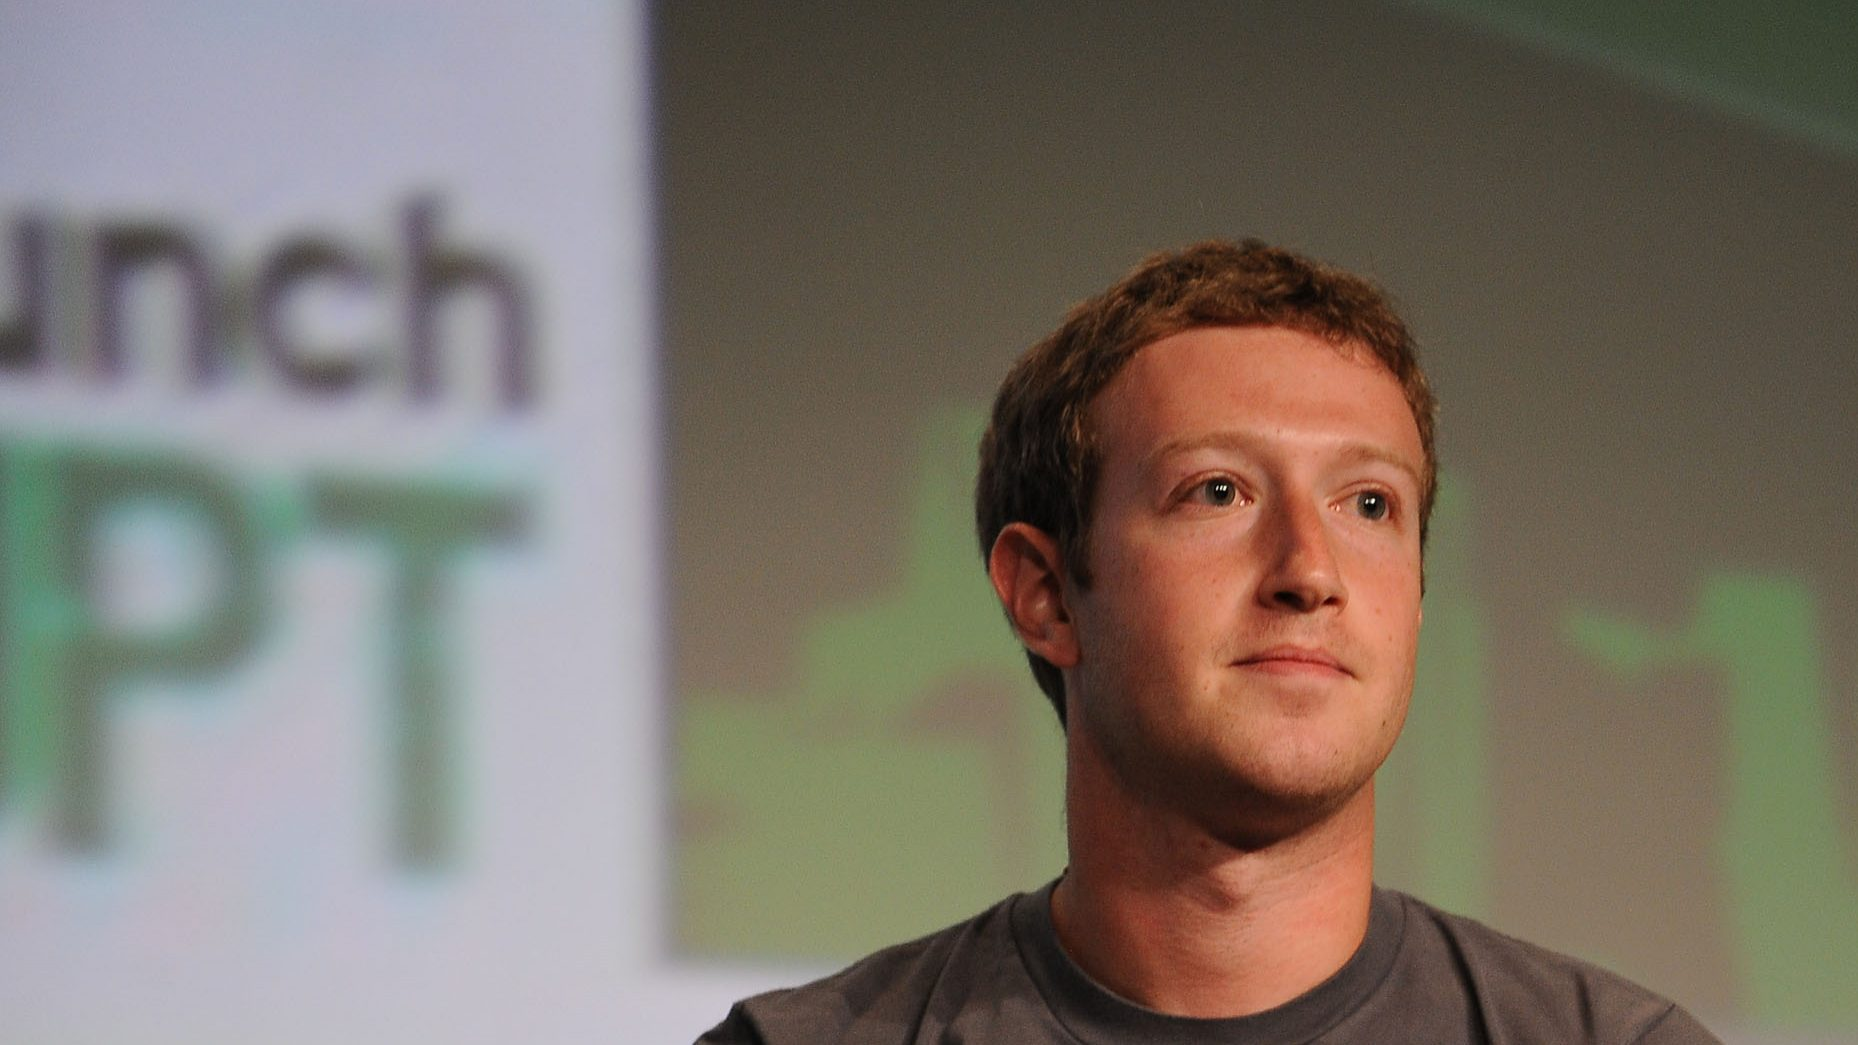 Lucro do Facebook aumenta 63% para 4.998 milhões de dólares apesar das polémicas